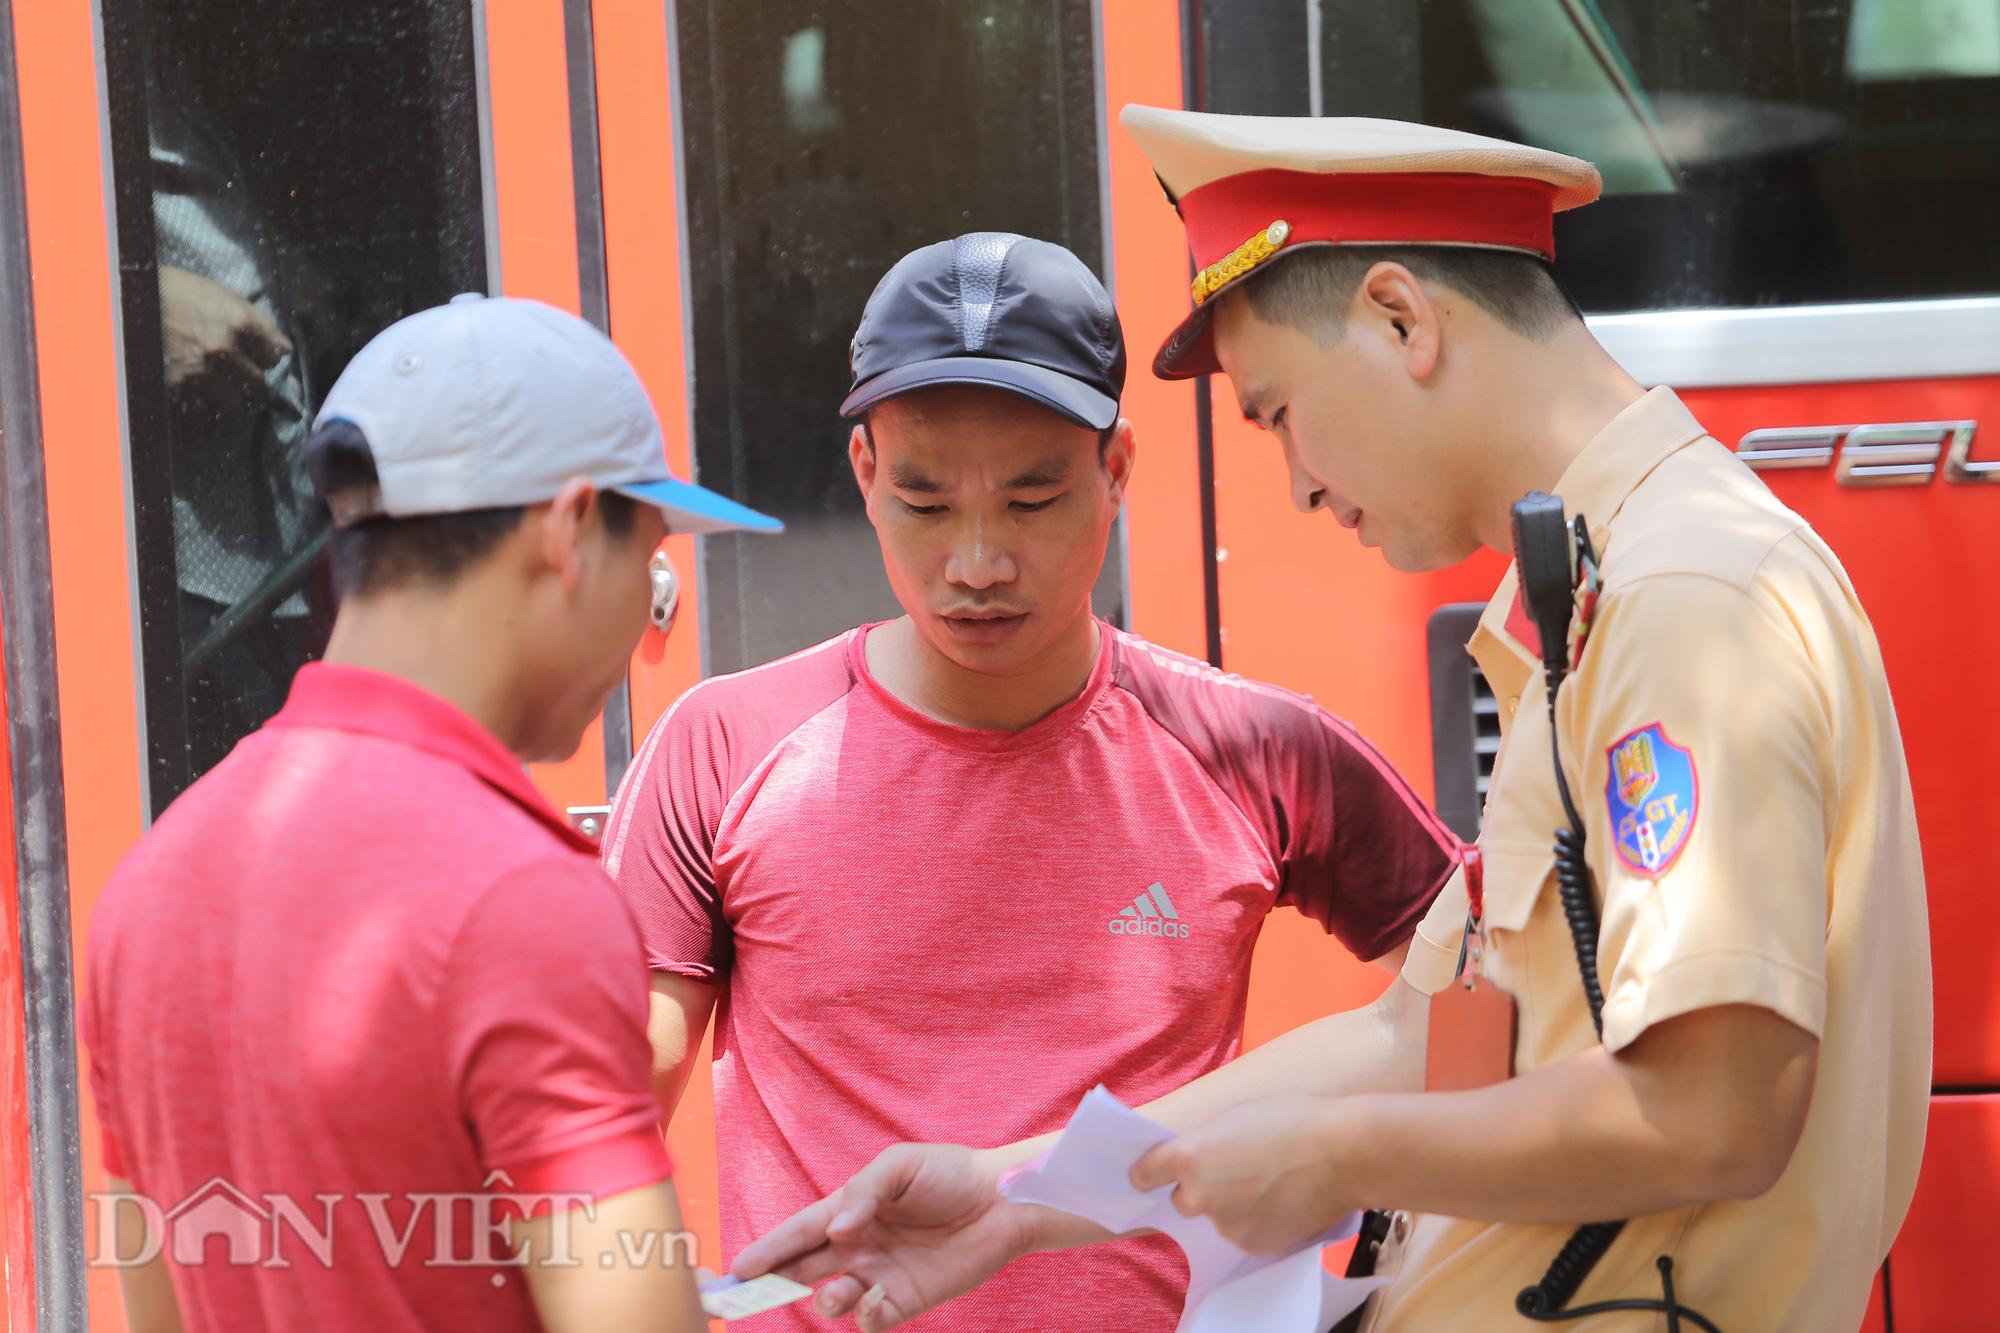 """Hàng loạt xe chạy """"rùa bò"""", bắt khách dọc đường bị CSGT Hà Nội xử lý - Ảnh 4."""